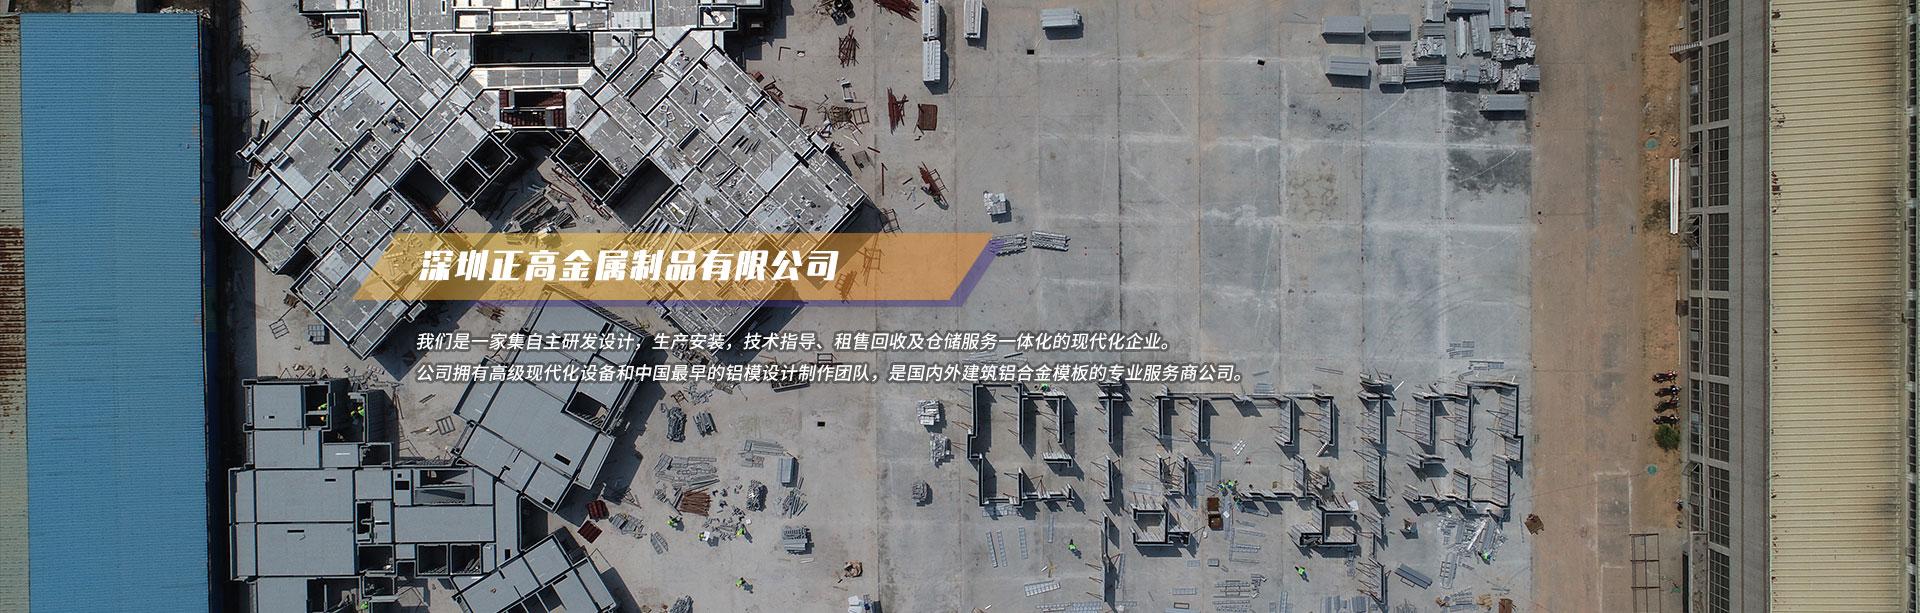 深圳正高金属制品有限公司